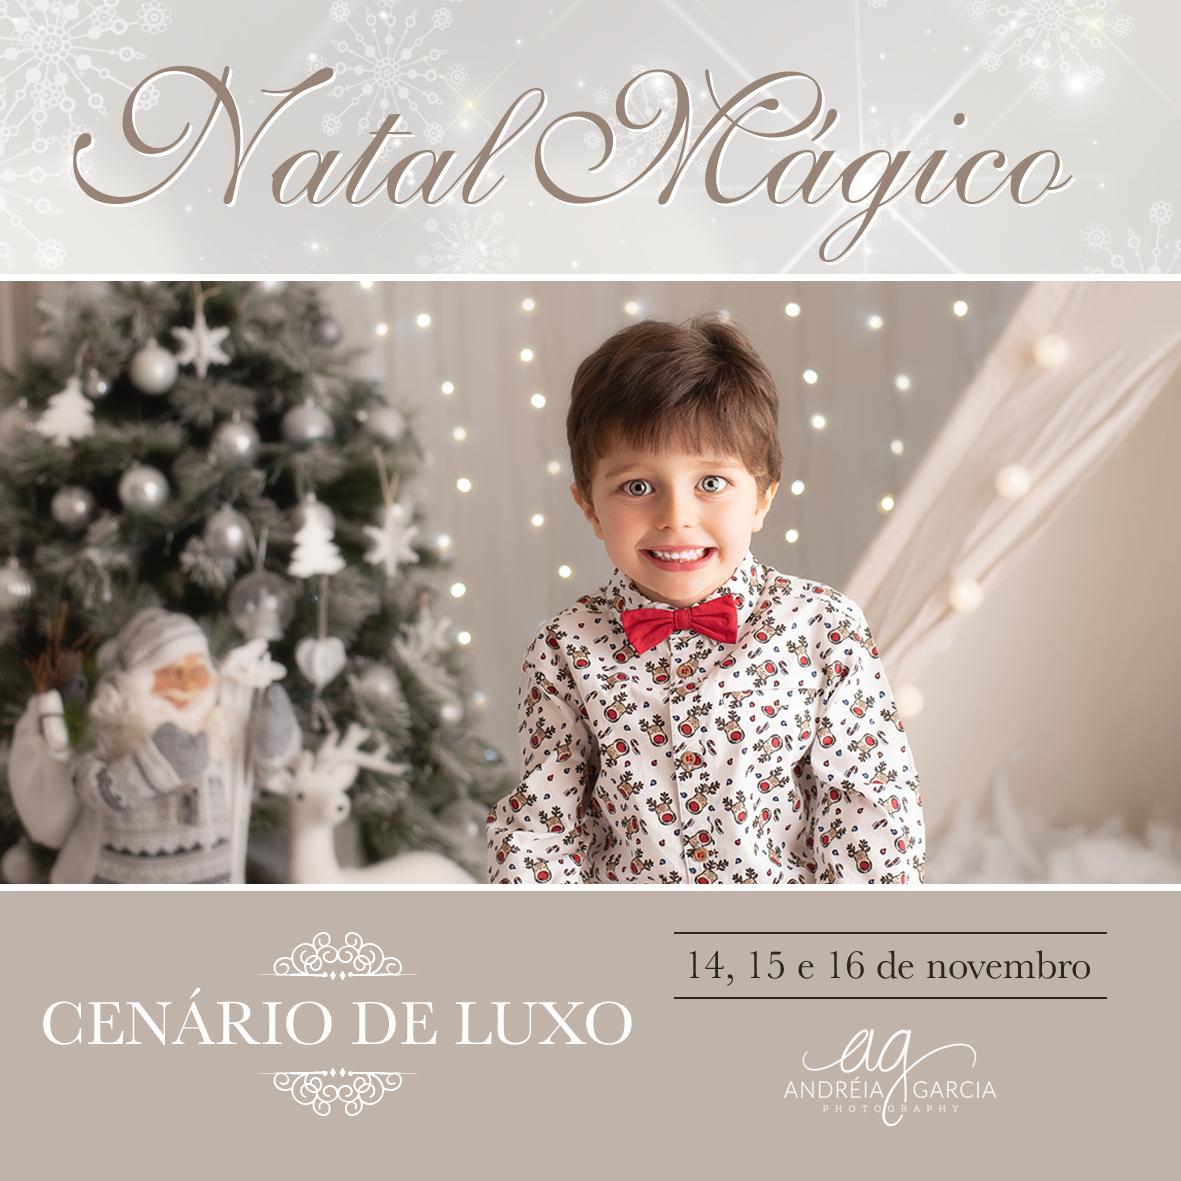 Imagem capa - Natal Mágico 2019 ⭐️ por ANDREIA  GARCIA